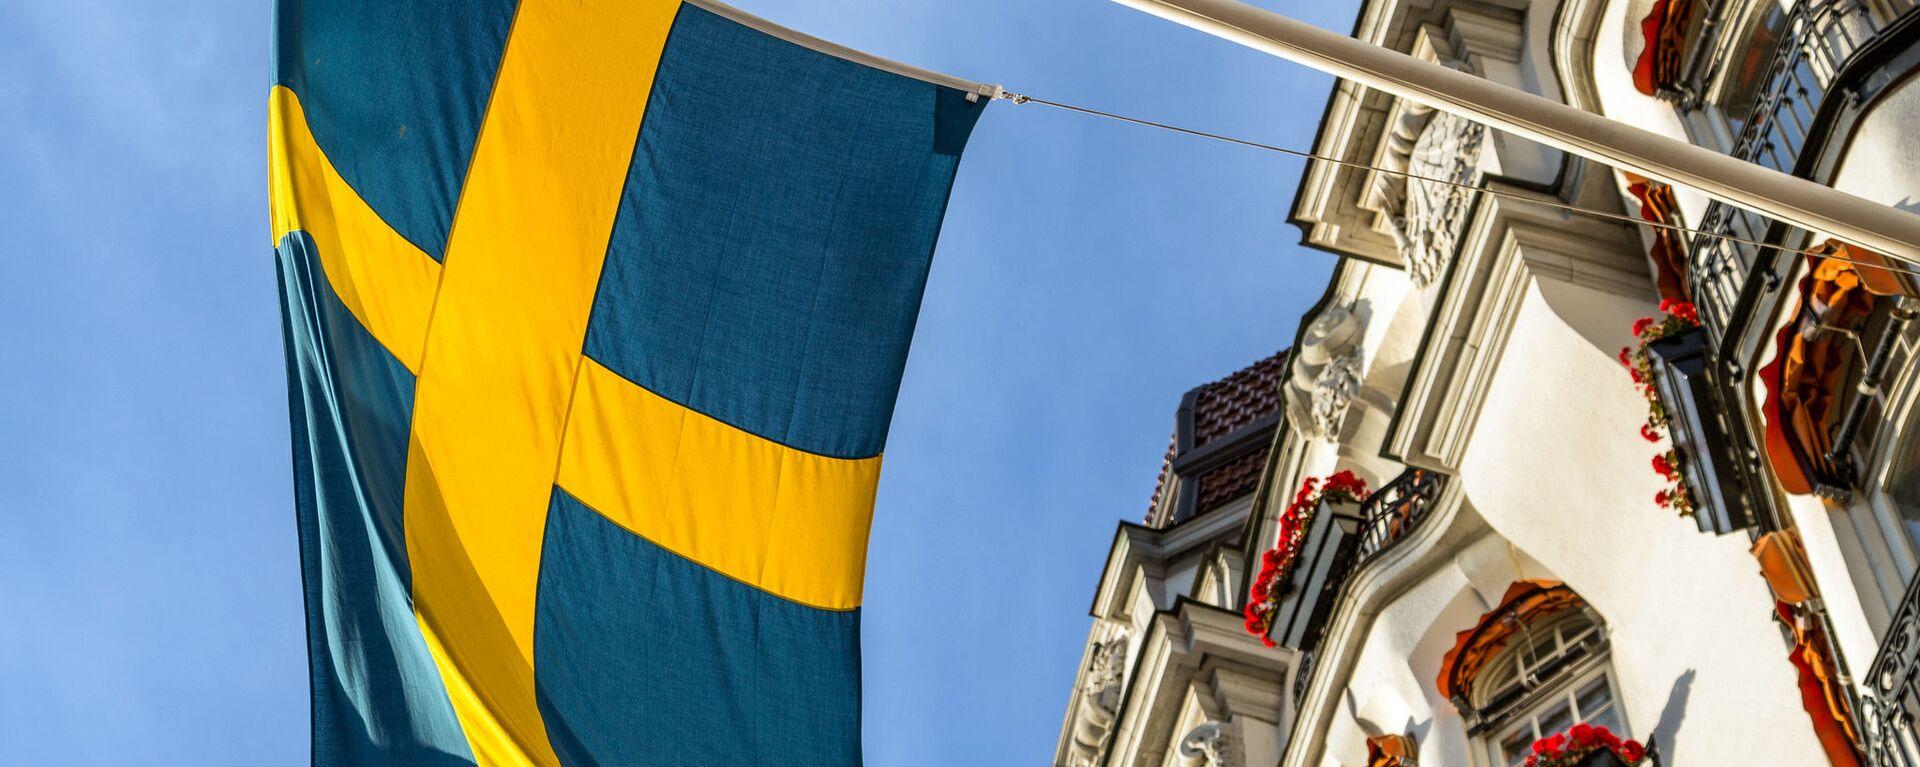 Bandiera svedese - Sputnik Italia, 1920, 18.05.2020